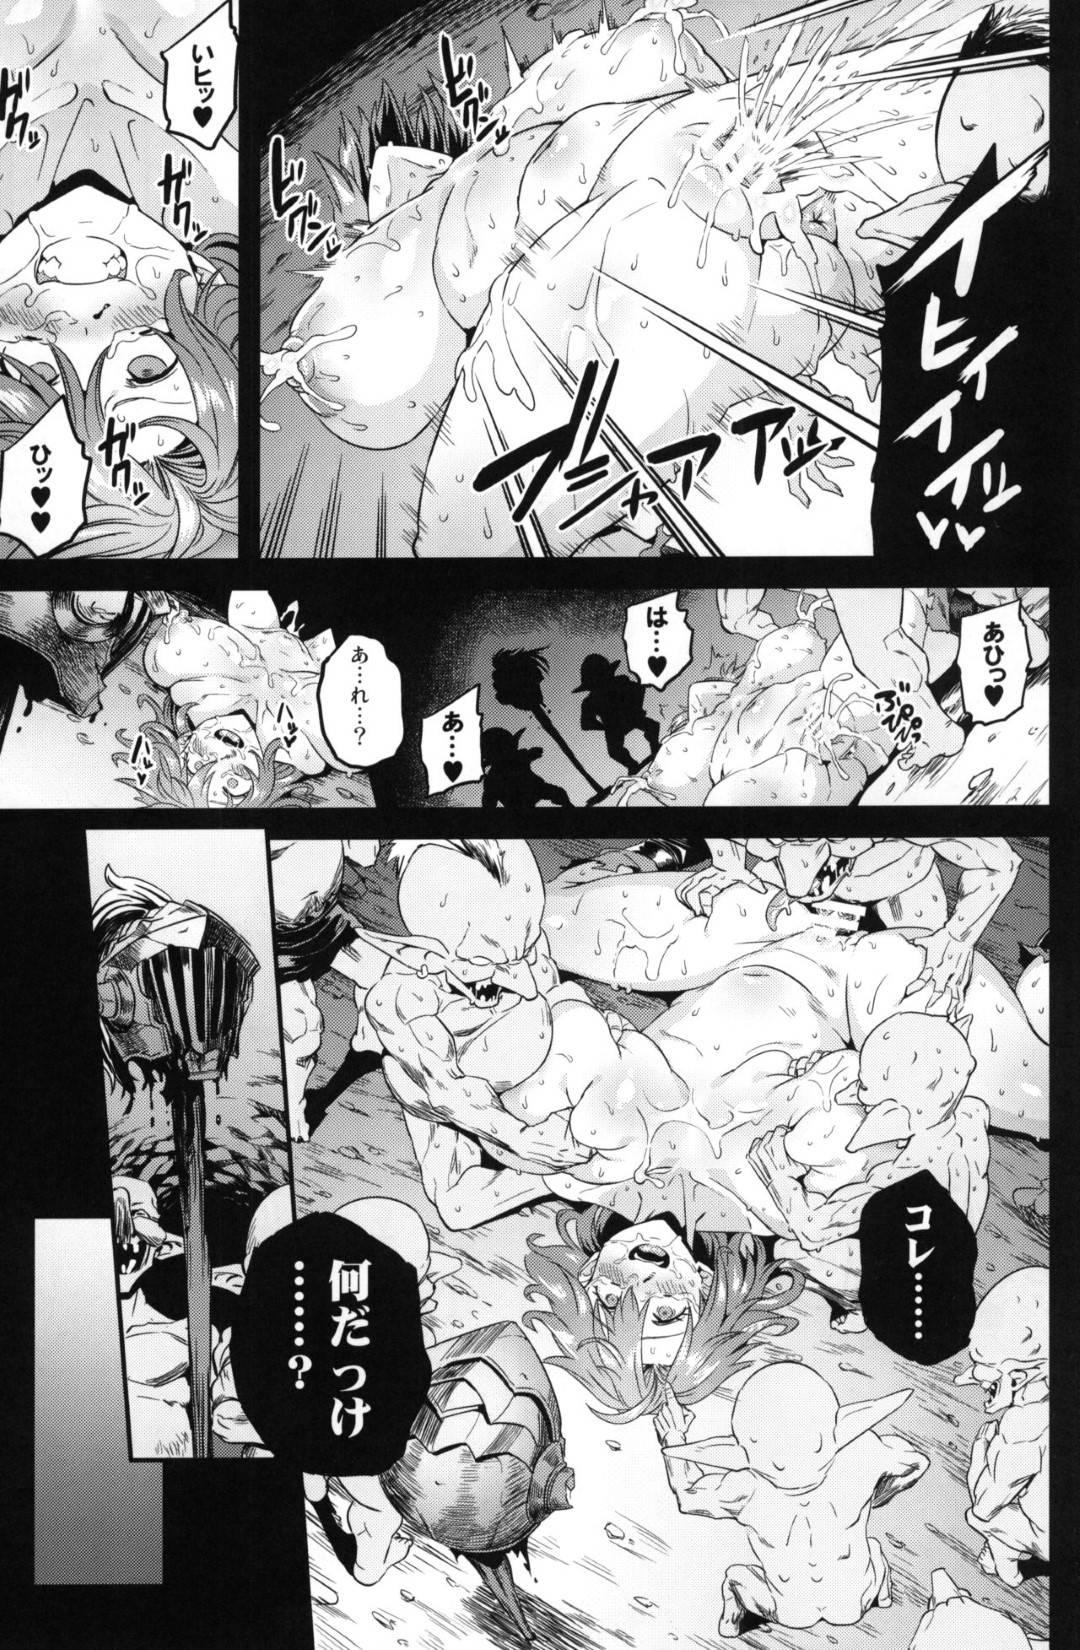 【ゴブリンレイプエロ漫画】ゴブリンスレイヤーたちによって守られていた村。ある日ゴブリンに彼らが敗北し村を攻め込まれ、村娘たちは強姦、陵辱を受けてしまう!【おぶい】